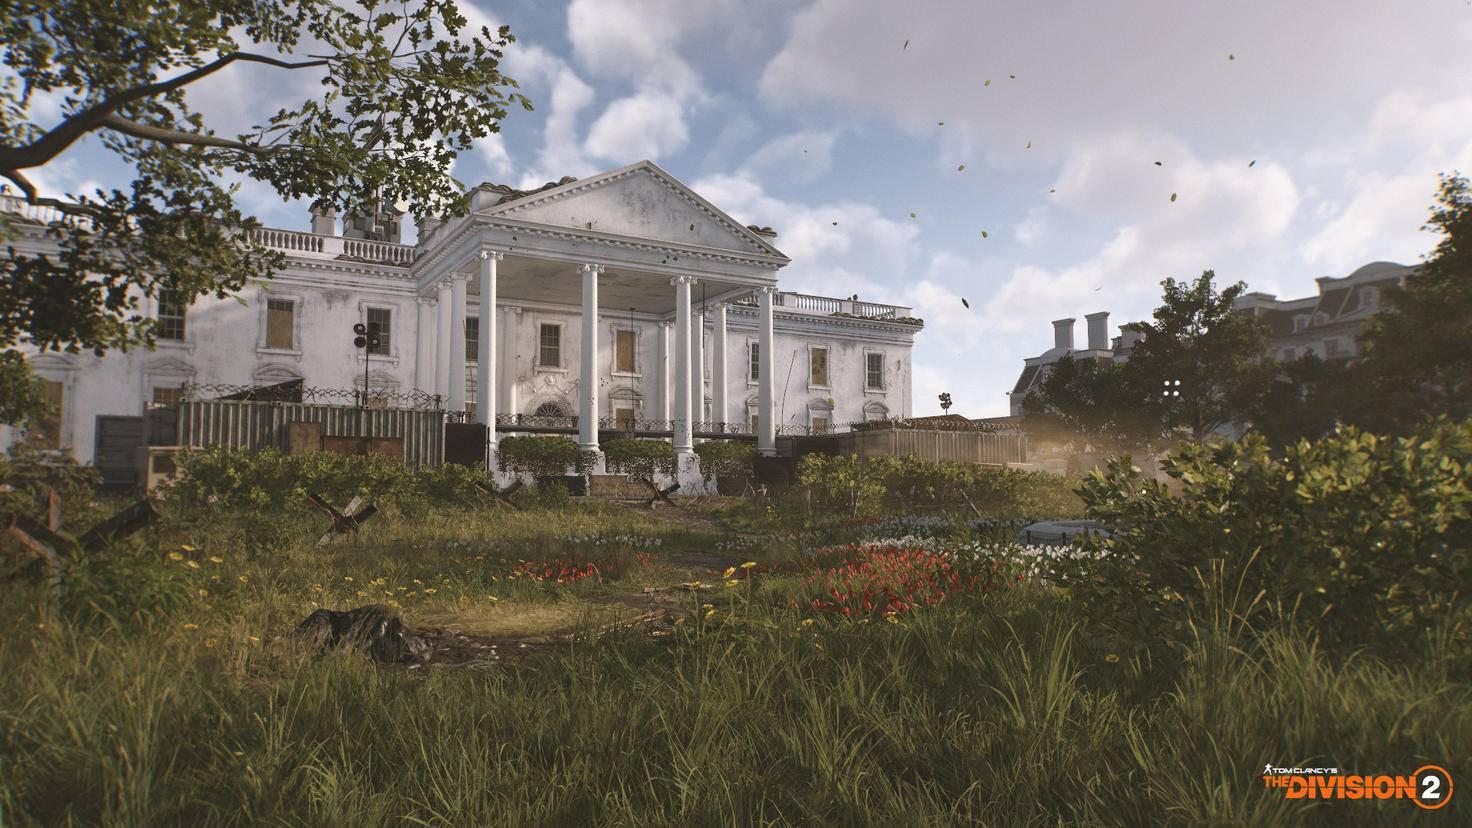 Das Weiße Haus in Washington ist die Einsatzzentrale Deines Clans.